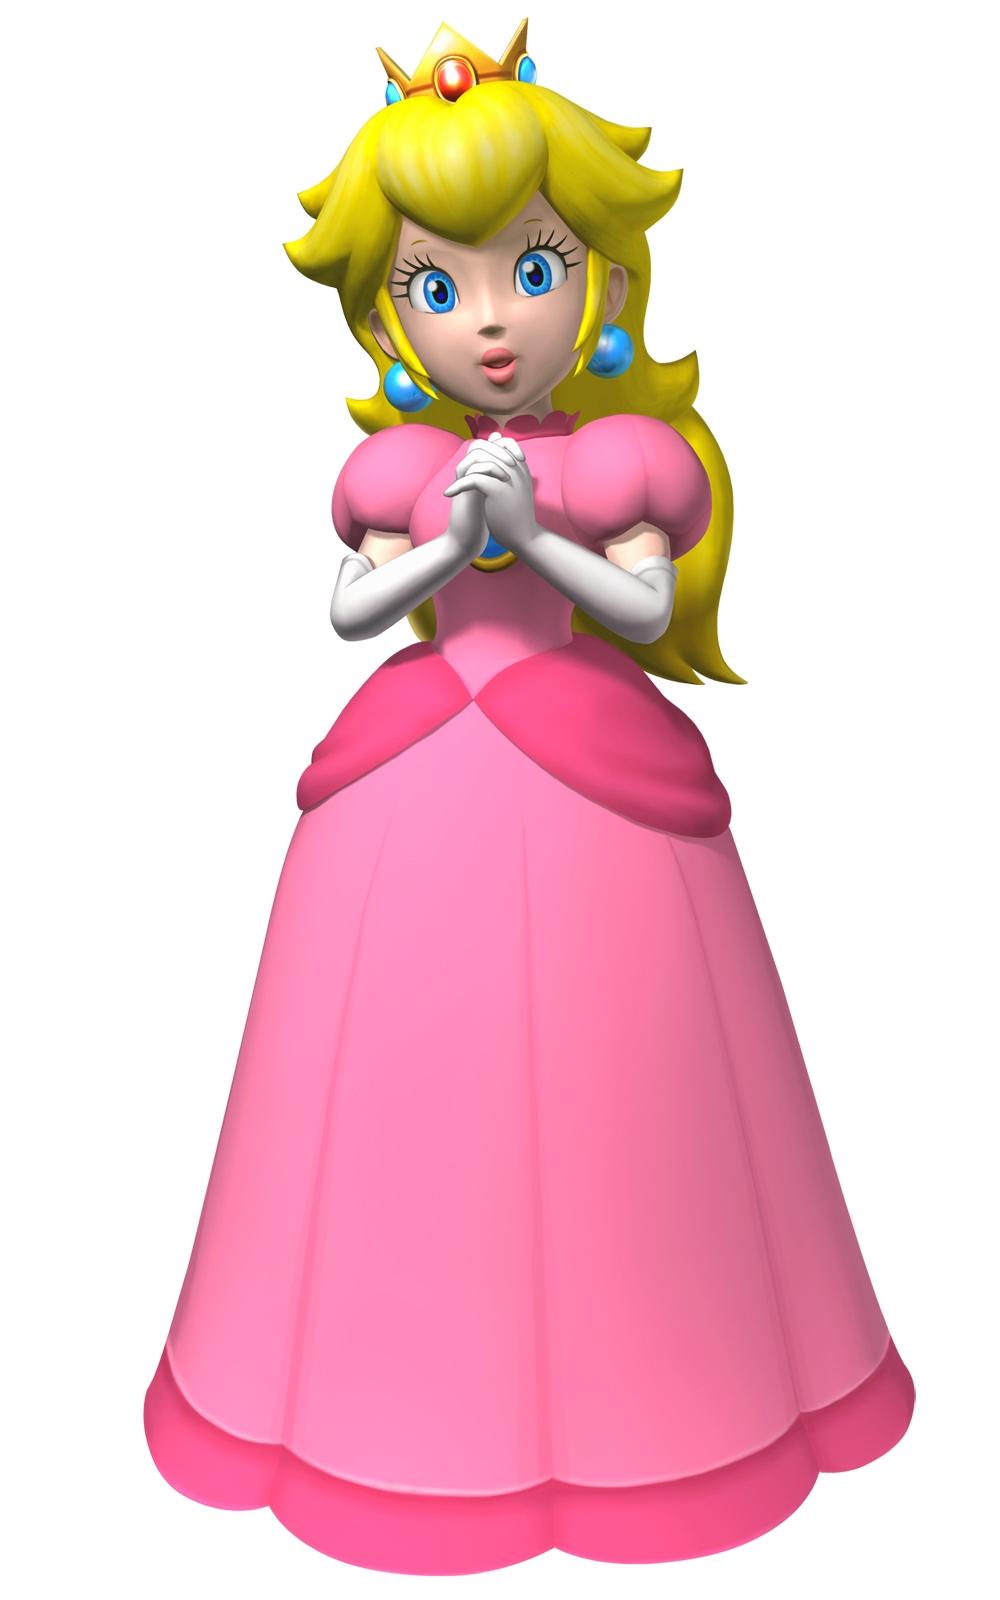 Princess Peach  sc 1 st  Disney Versus Non-Disney Villains Wiki - Fandom & Princess Peach | Disney Versus Non-Disney Villains Wiki | FANDOM ...